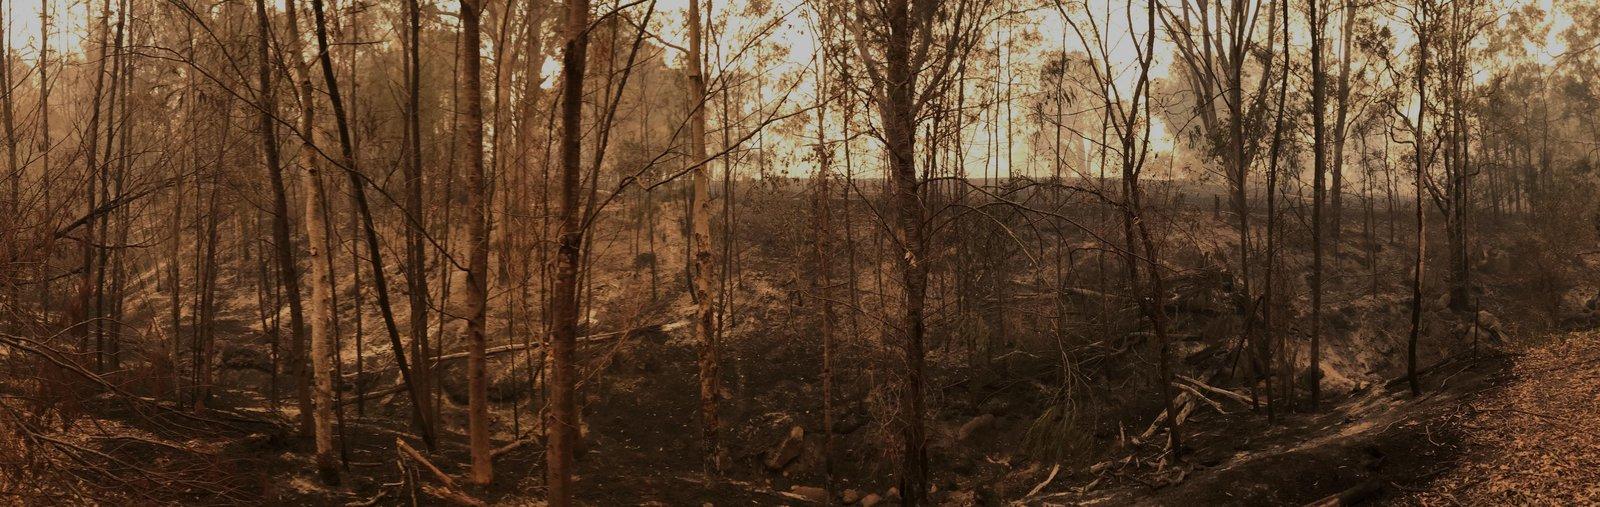 Bushfires Banner